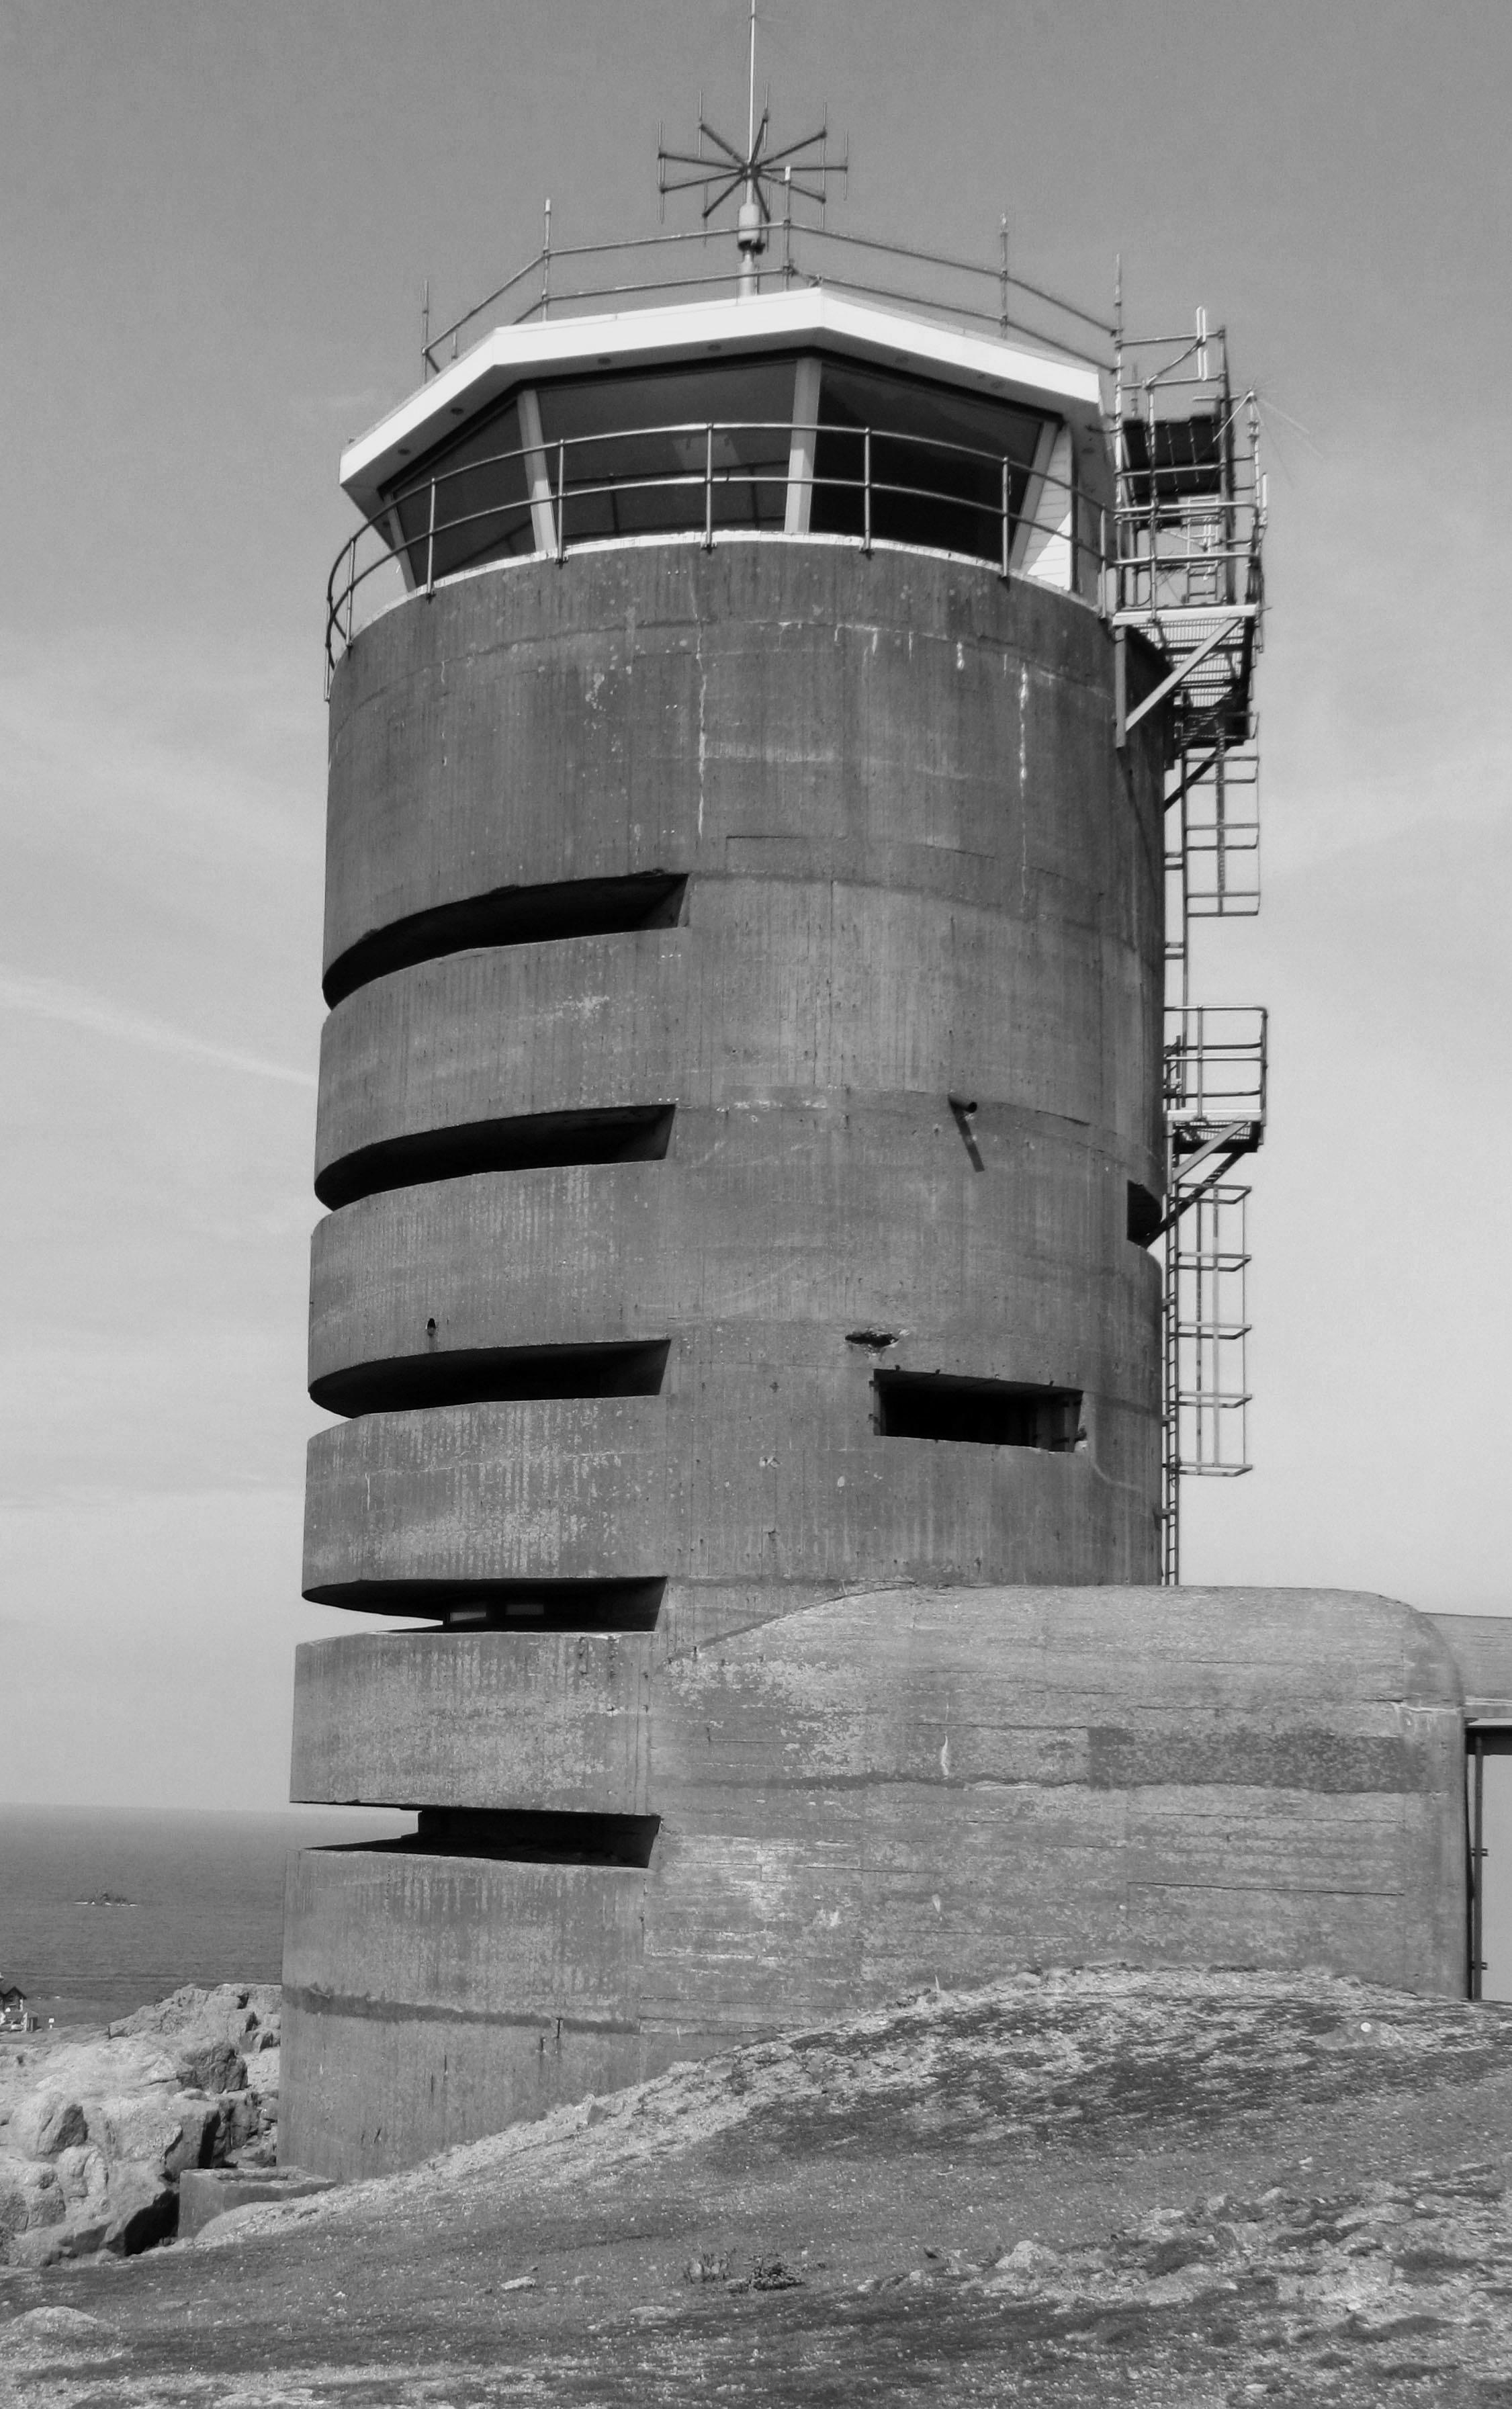 Jersey, tour d'observation bunkerisée